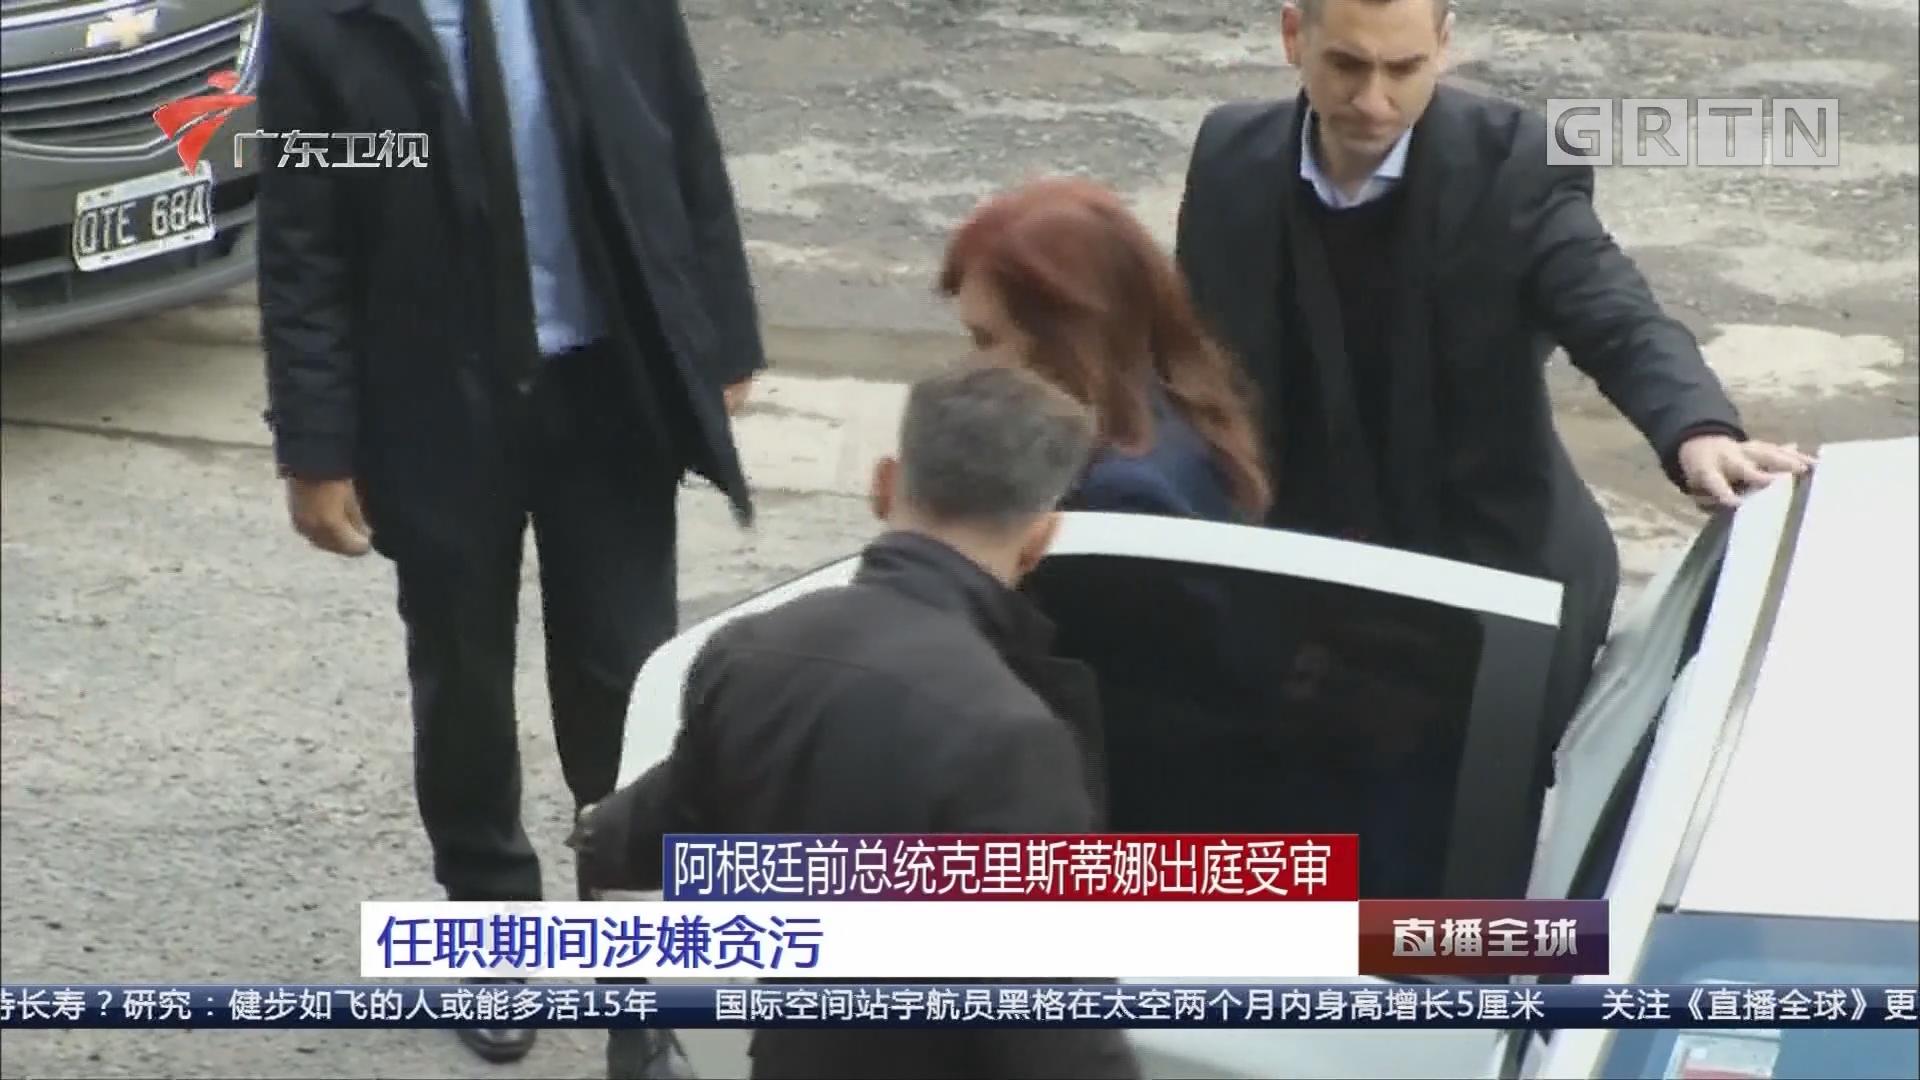 阿根廷前总统克里斯蒂娜出庭受审 任职期间涉嫌贪污